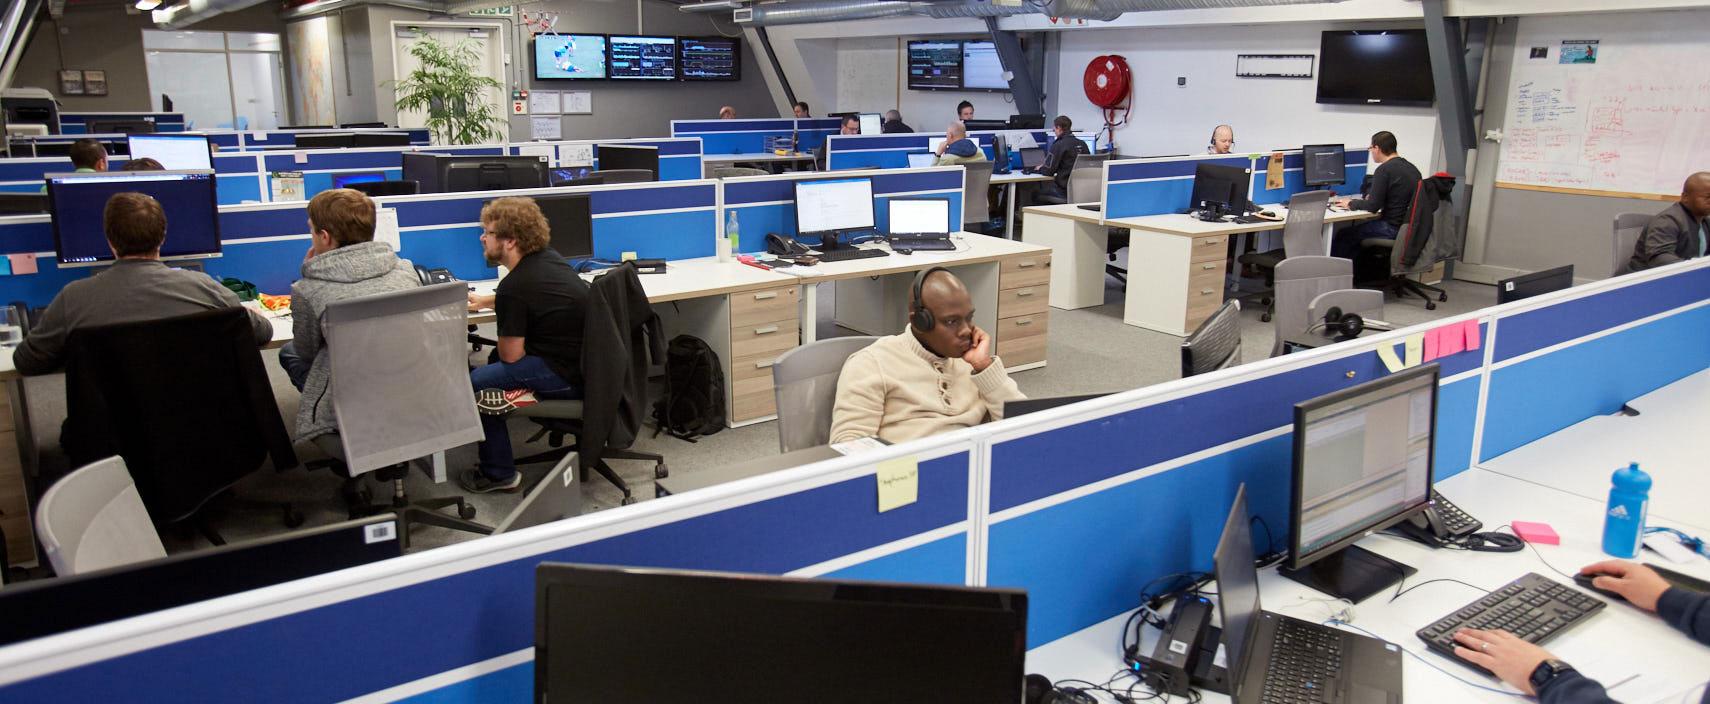 Capfin IT Department